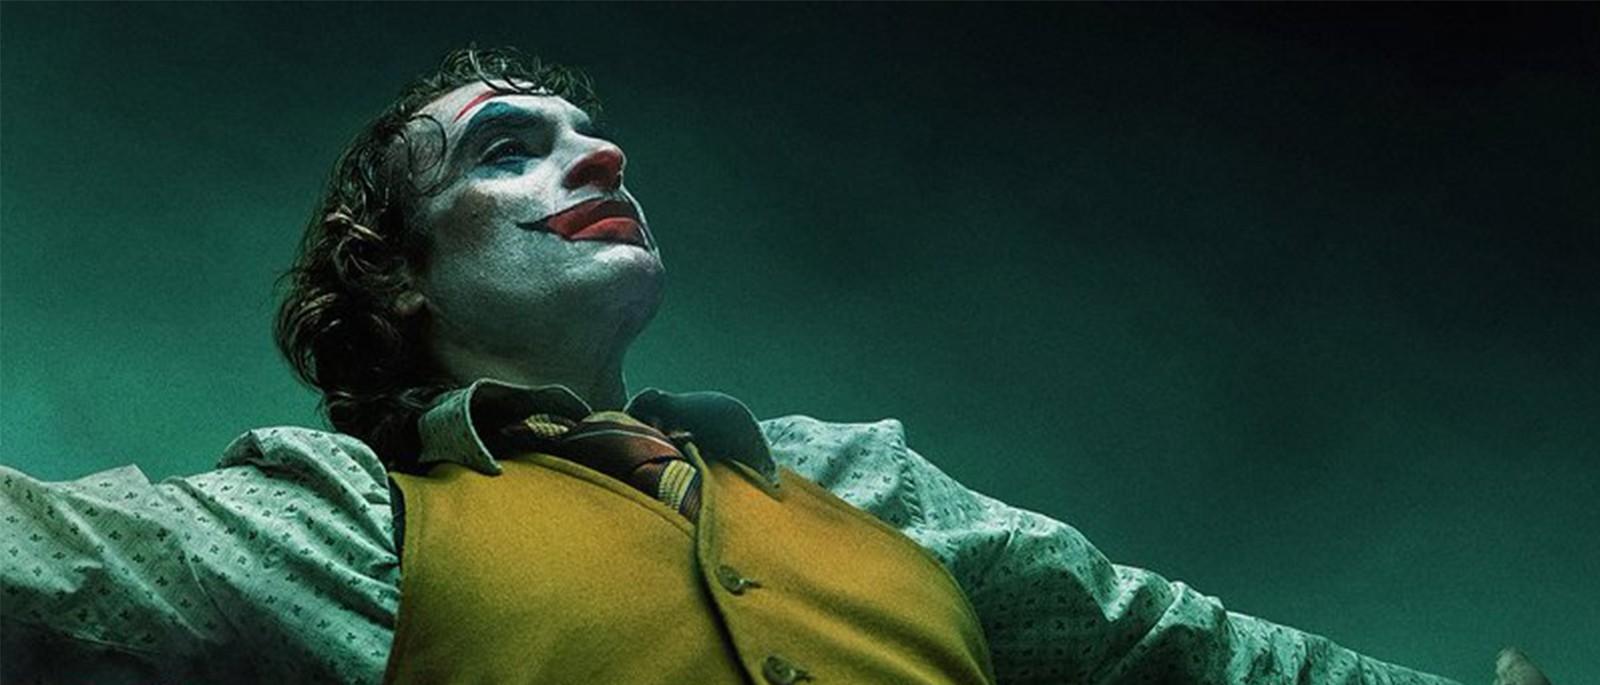 That's Life: 'Joker' Film review